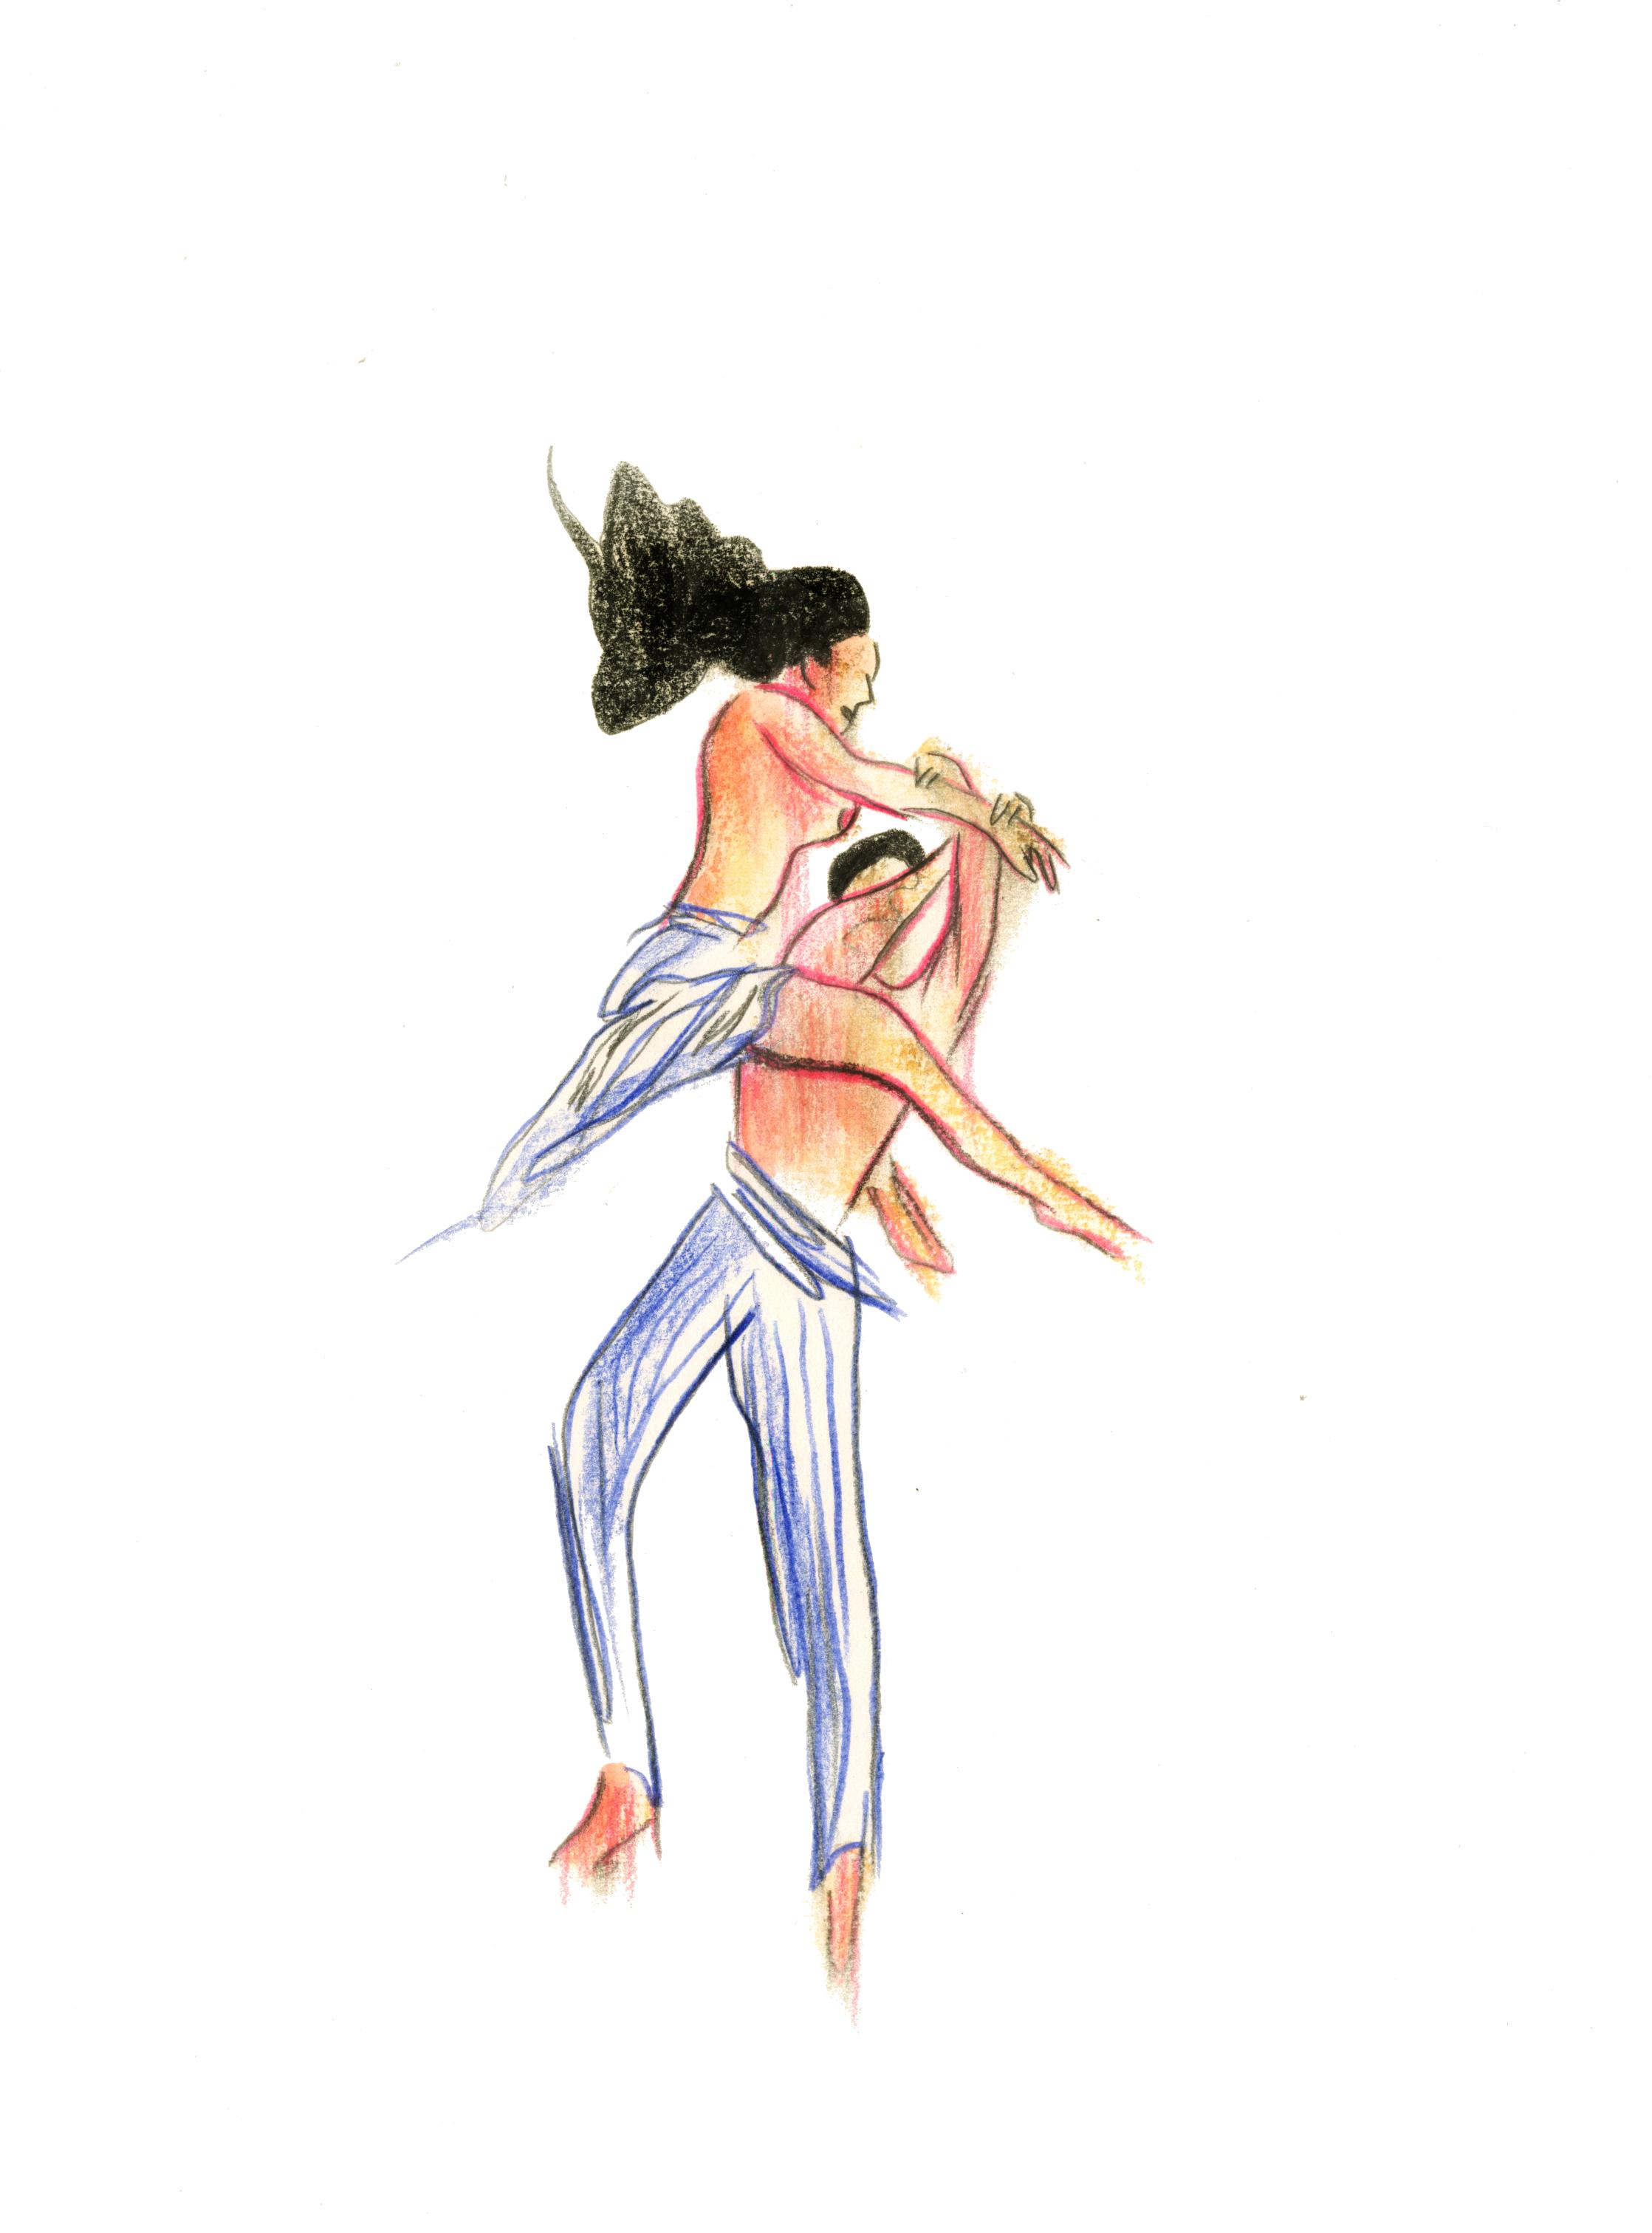 Danse 7 | GALERIE TREIZE DIX / DANSE #7 | NOÉMIE CHUST